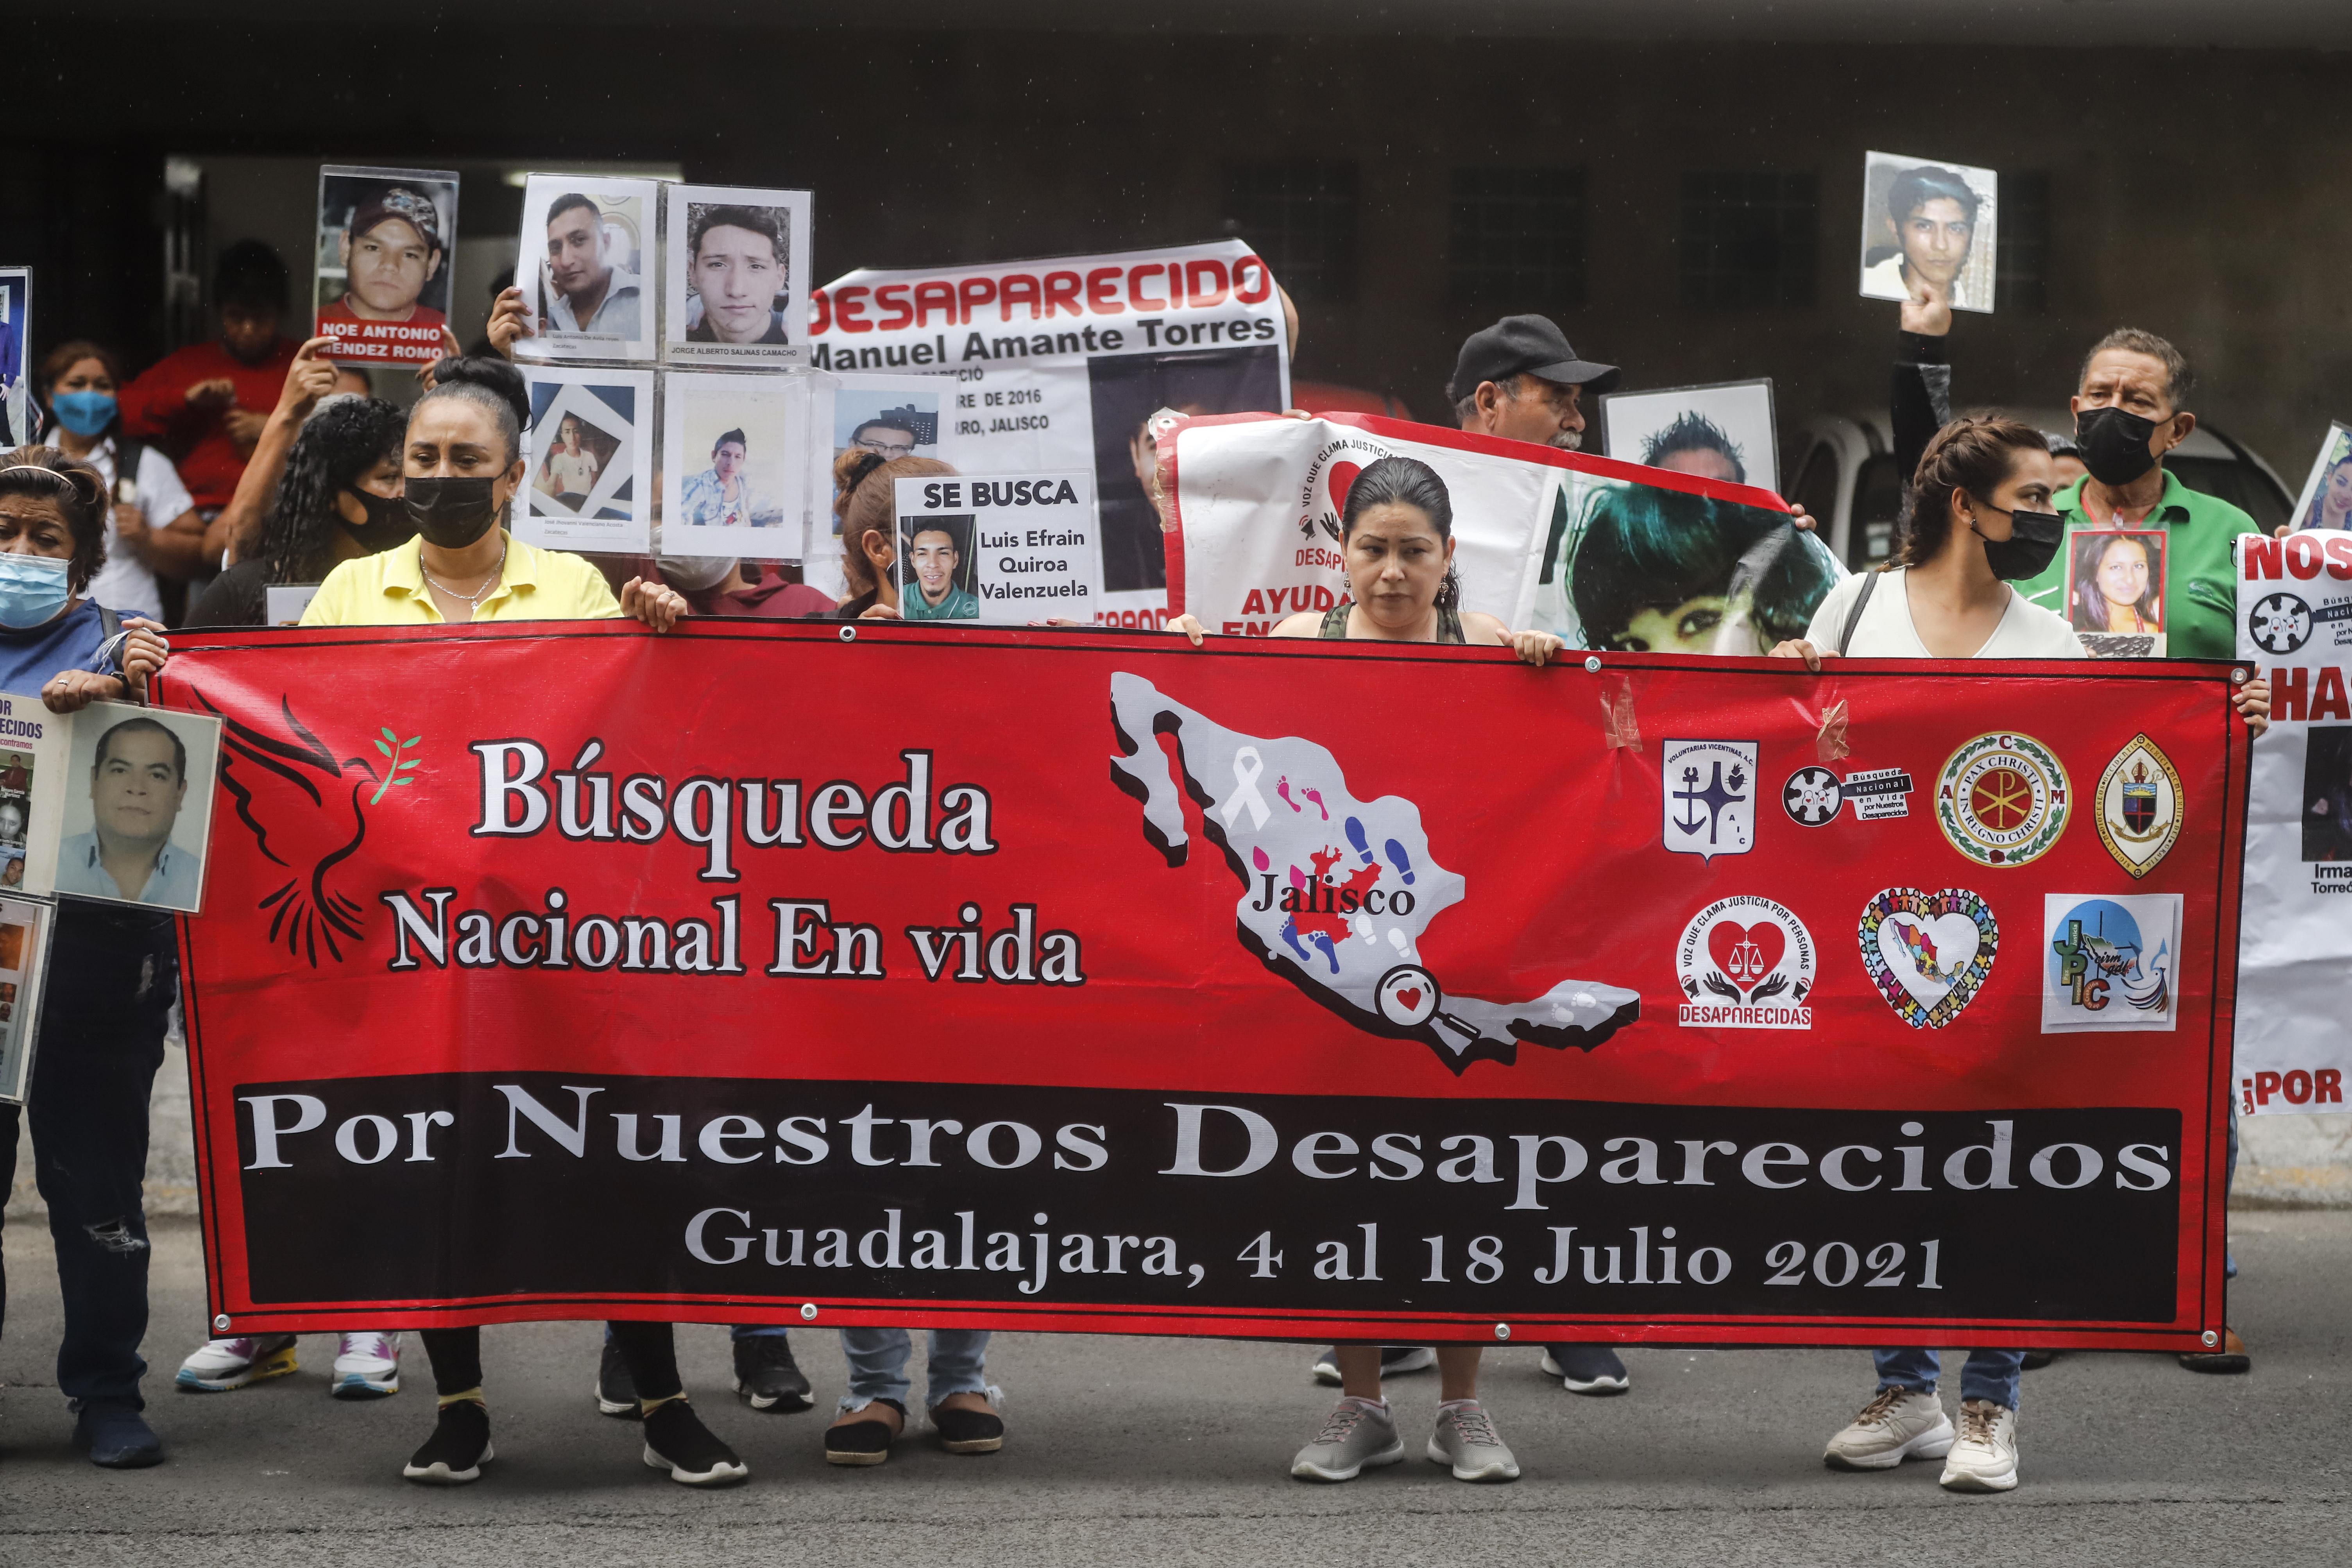 Personas de más de 20 estados de la República Mexicana participaron en la Segunda Búsqueda Nacional en Vida que se realizó en Jalisco.